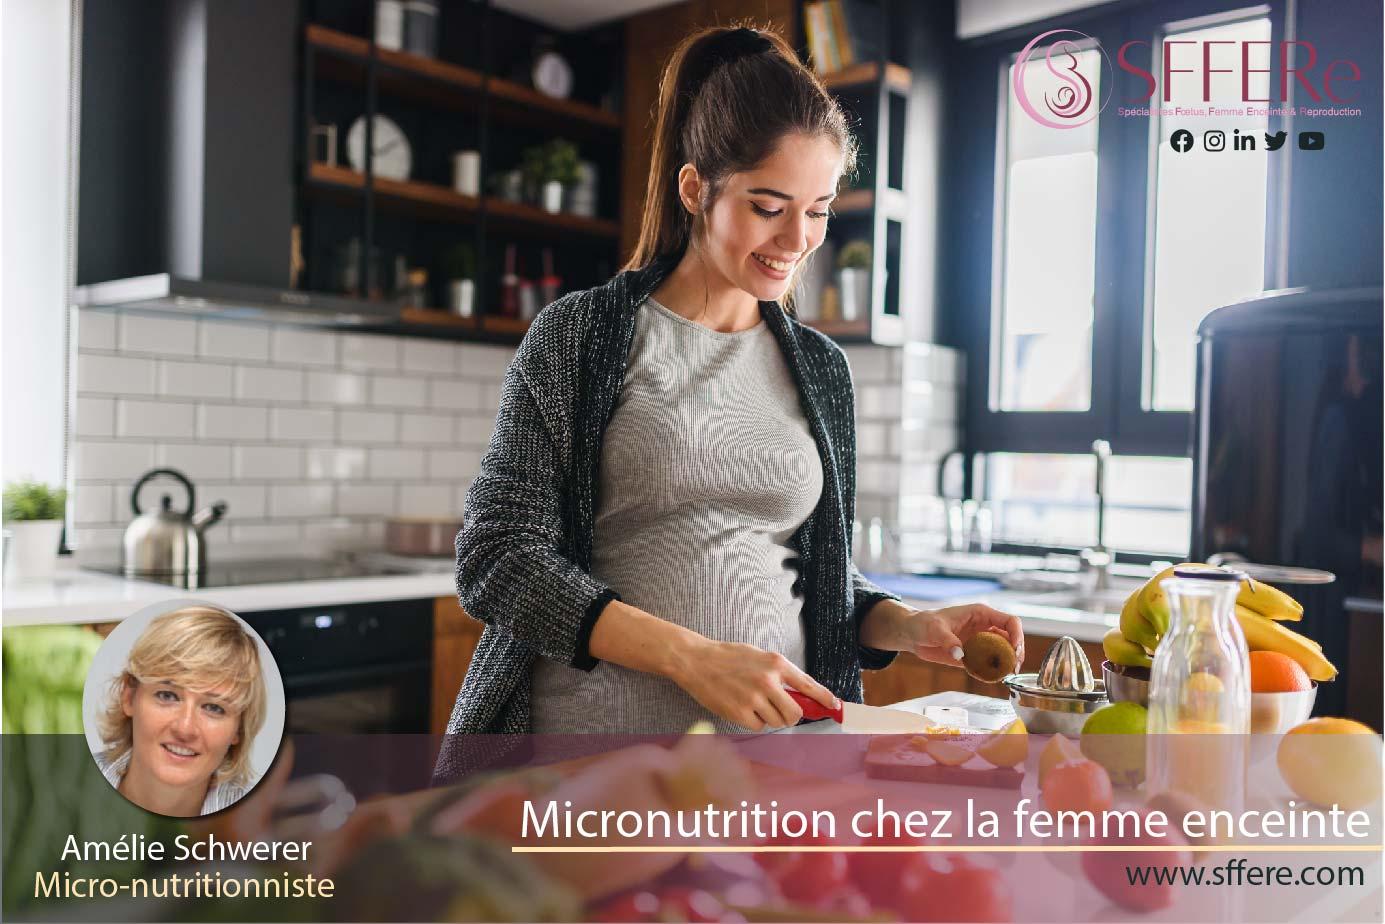 Micronutrition chez la femme enceinte